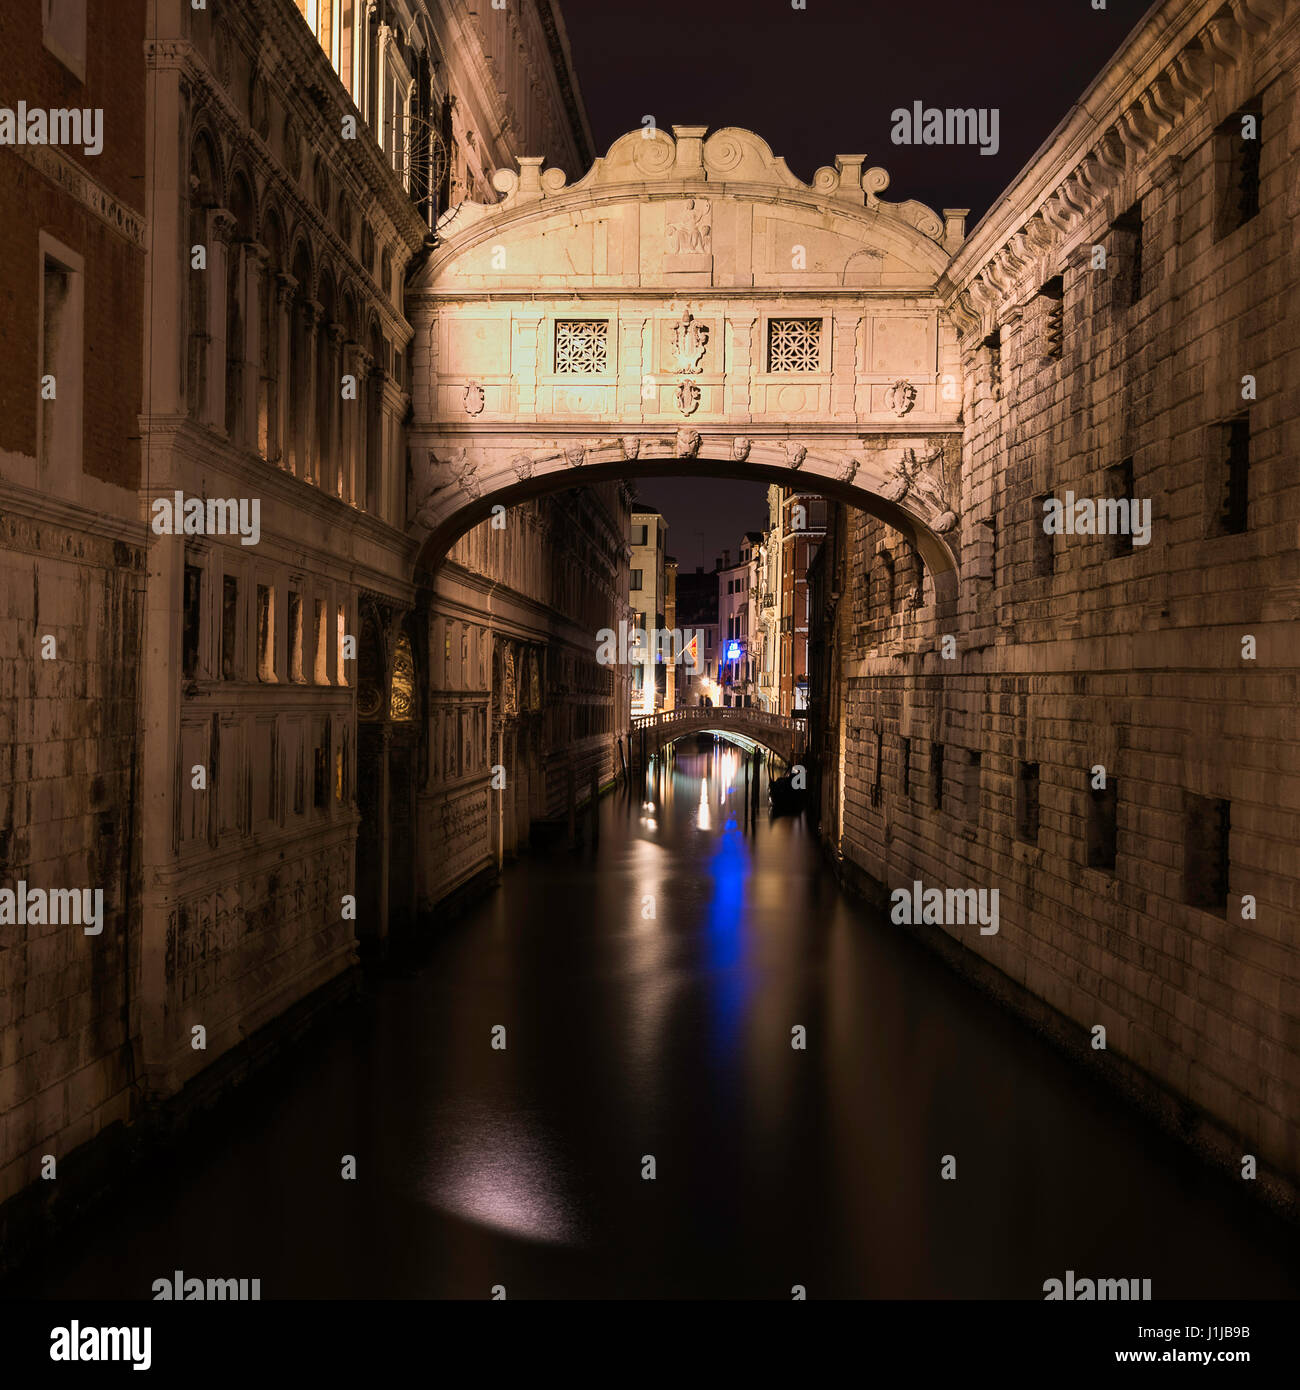 La larga exposición imágenes nocturnas del Puente de los Suspiros sobre el Rio di Palazzo Venecia Italia Imagen De Stock